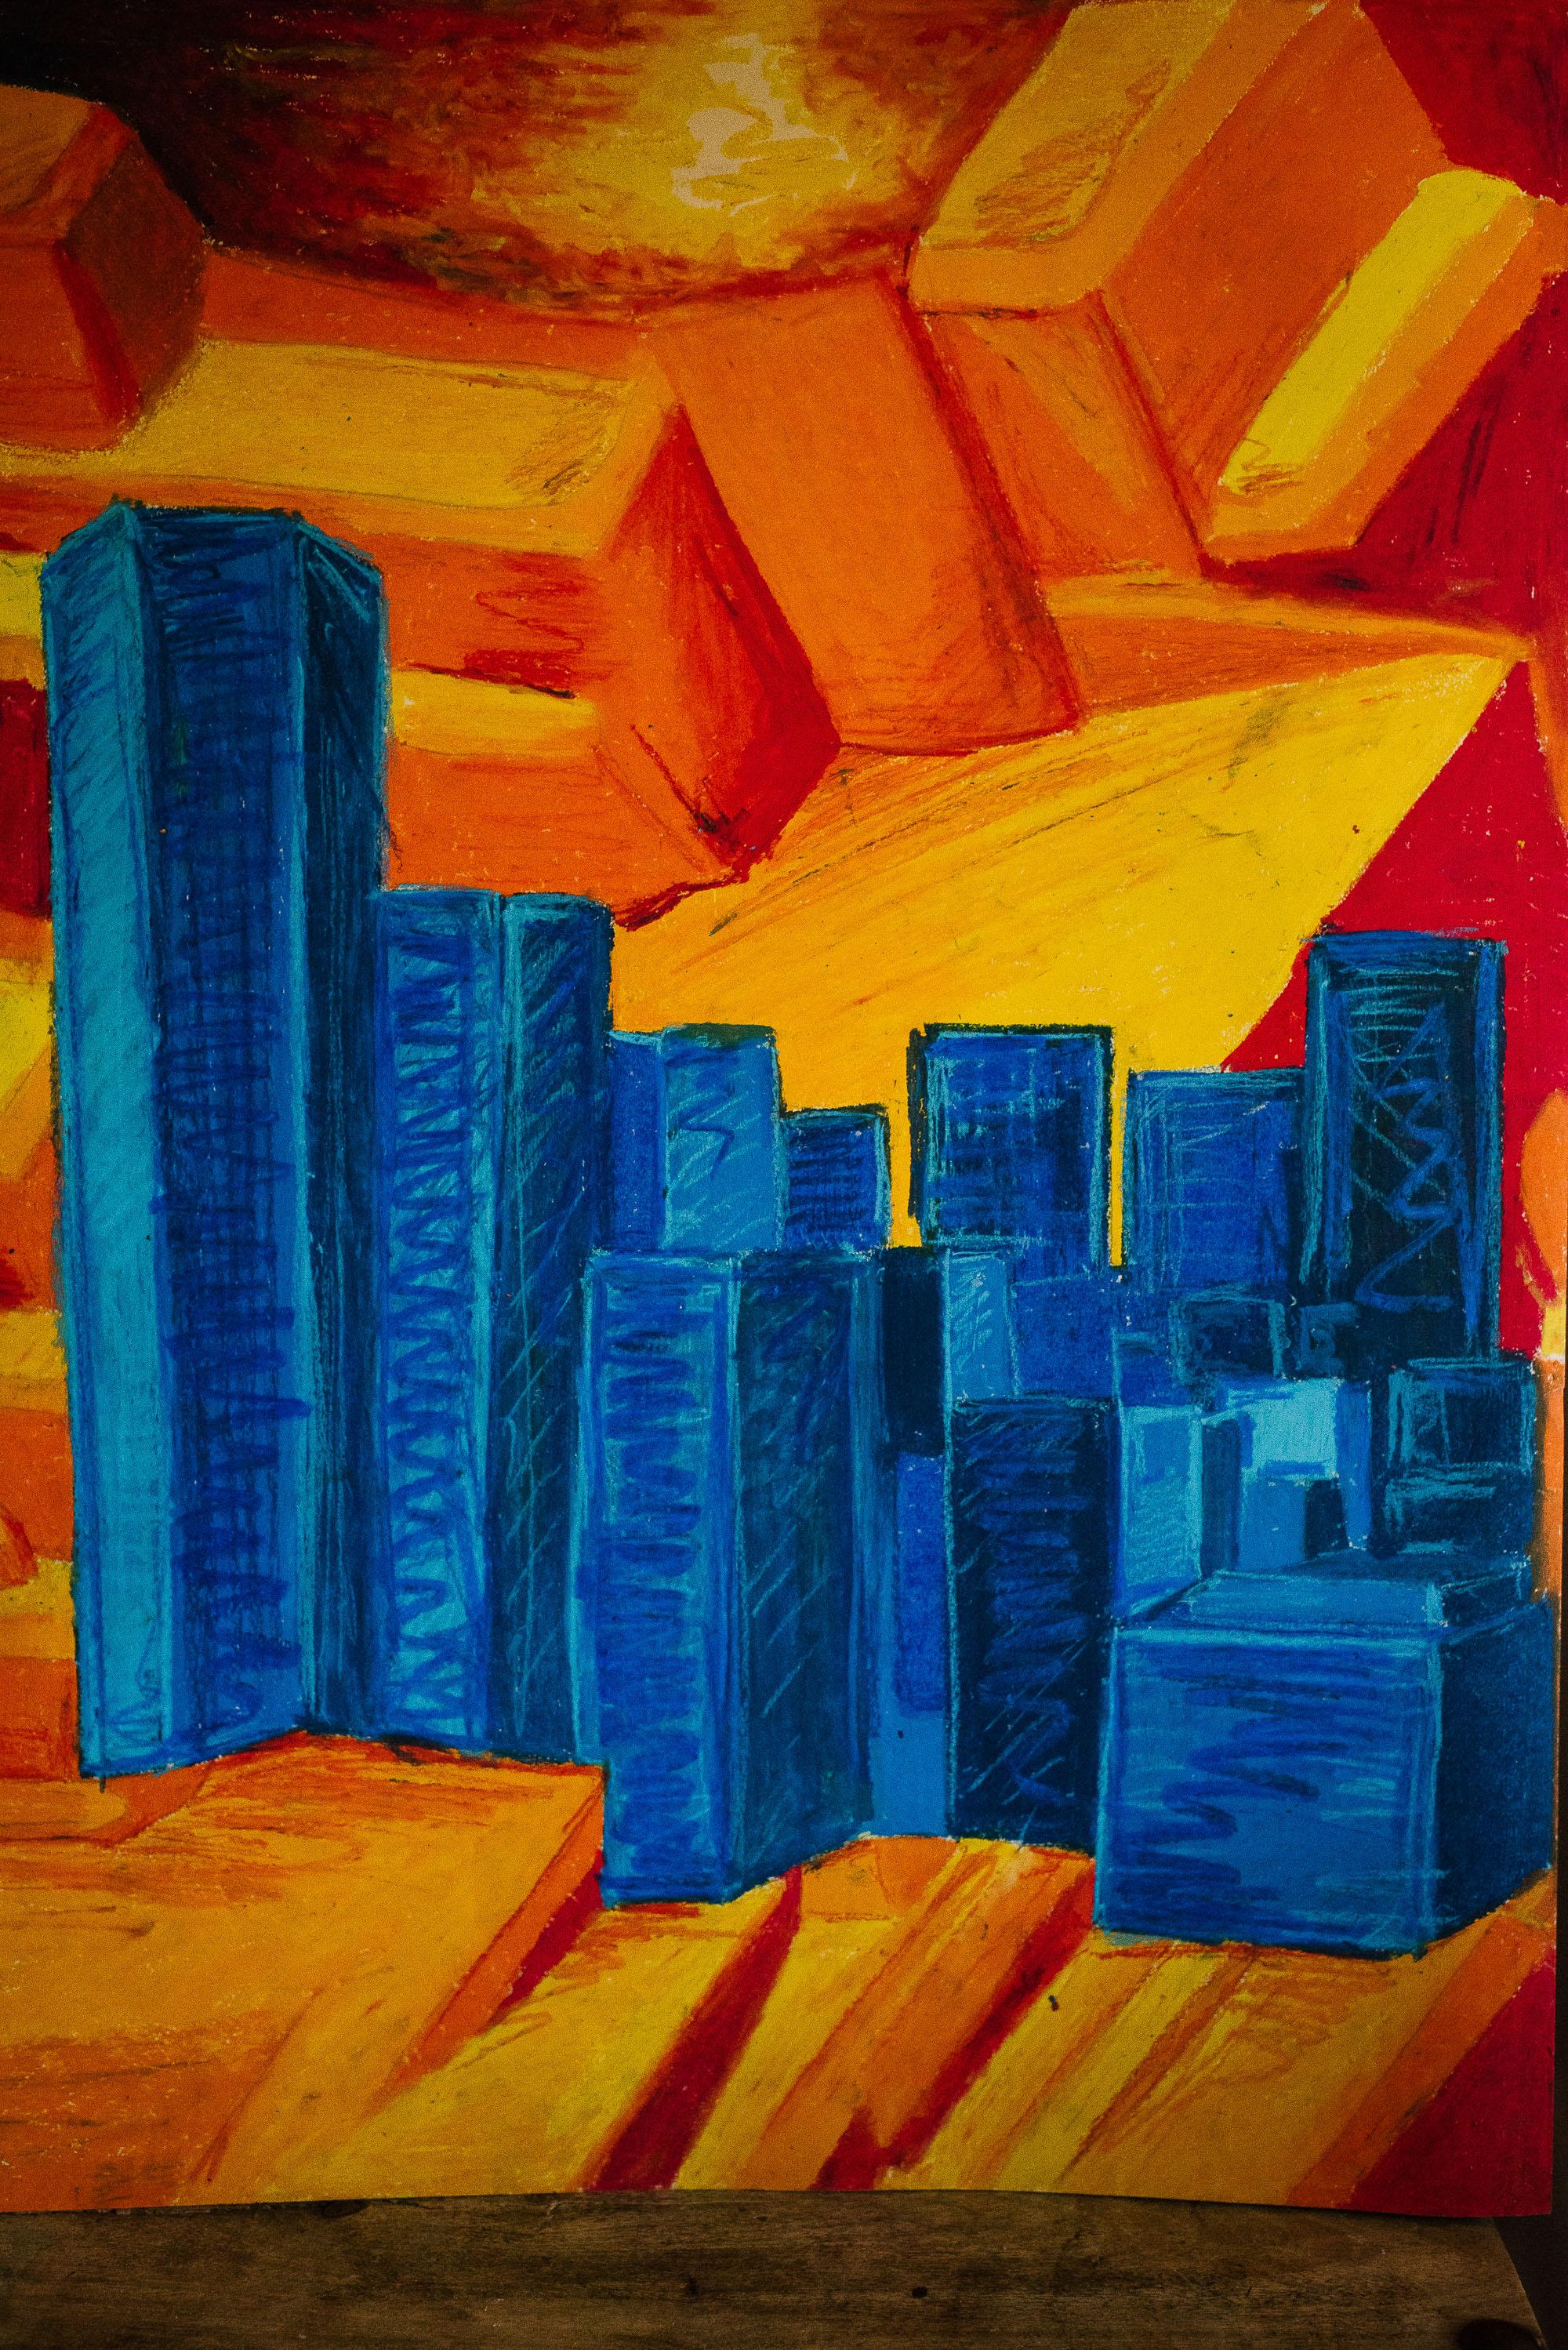 blue buildings on orange silicon backdrop ap art viara mileva